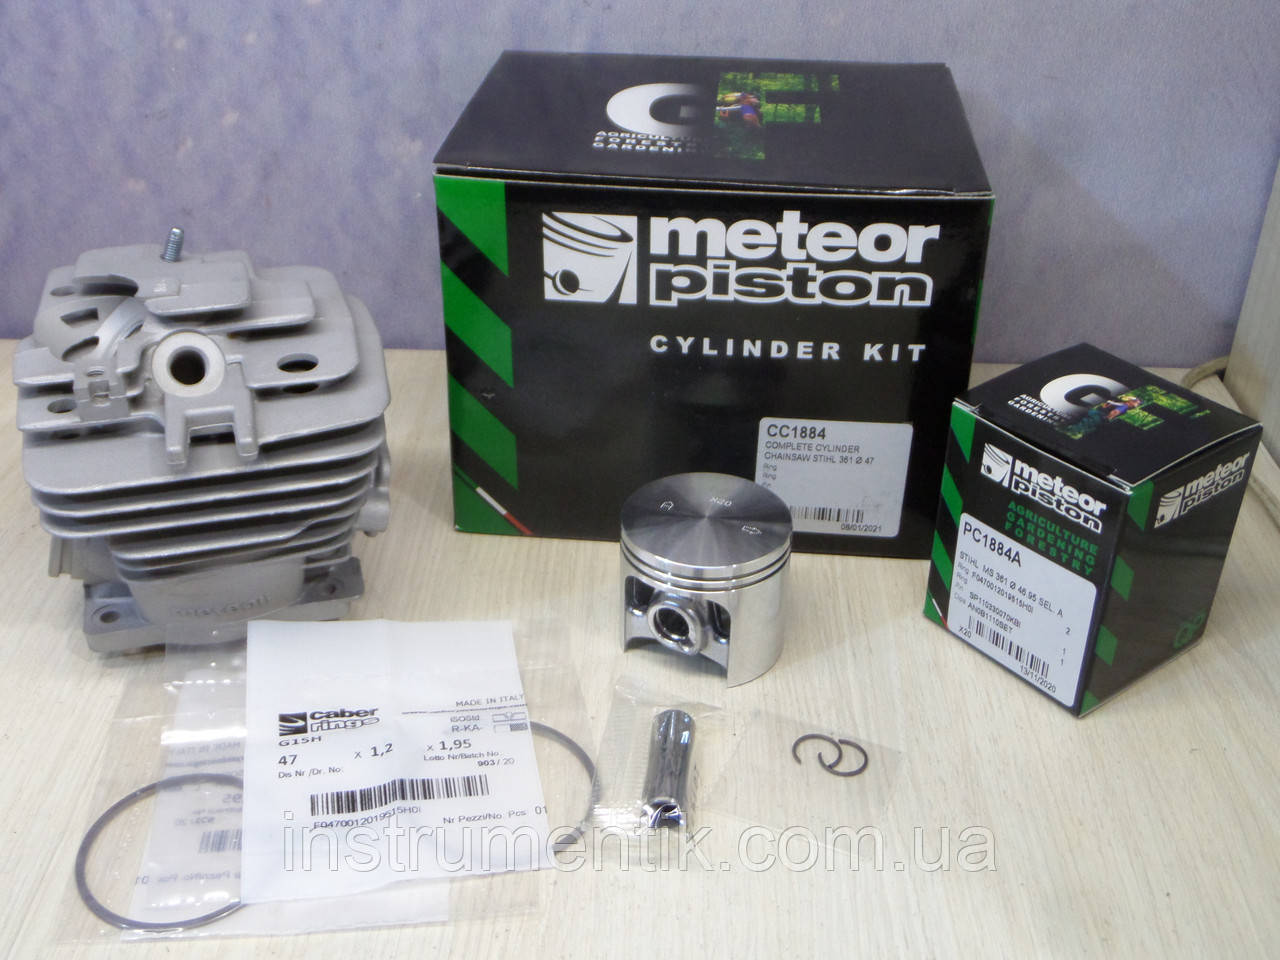 Циліндр з поршнем для Stihl MS 361 Meteor